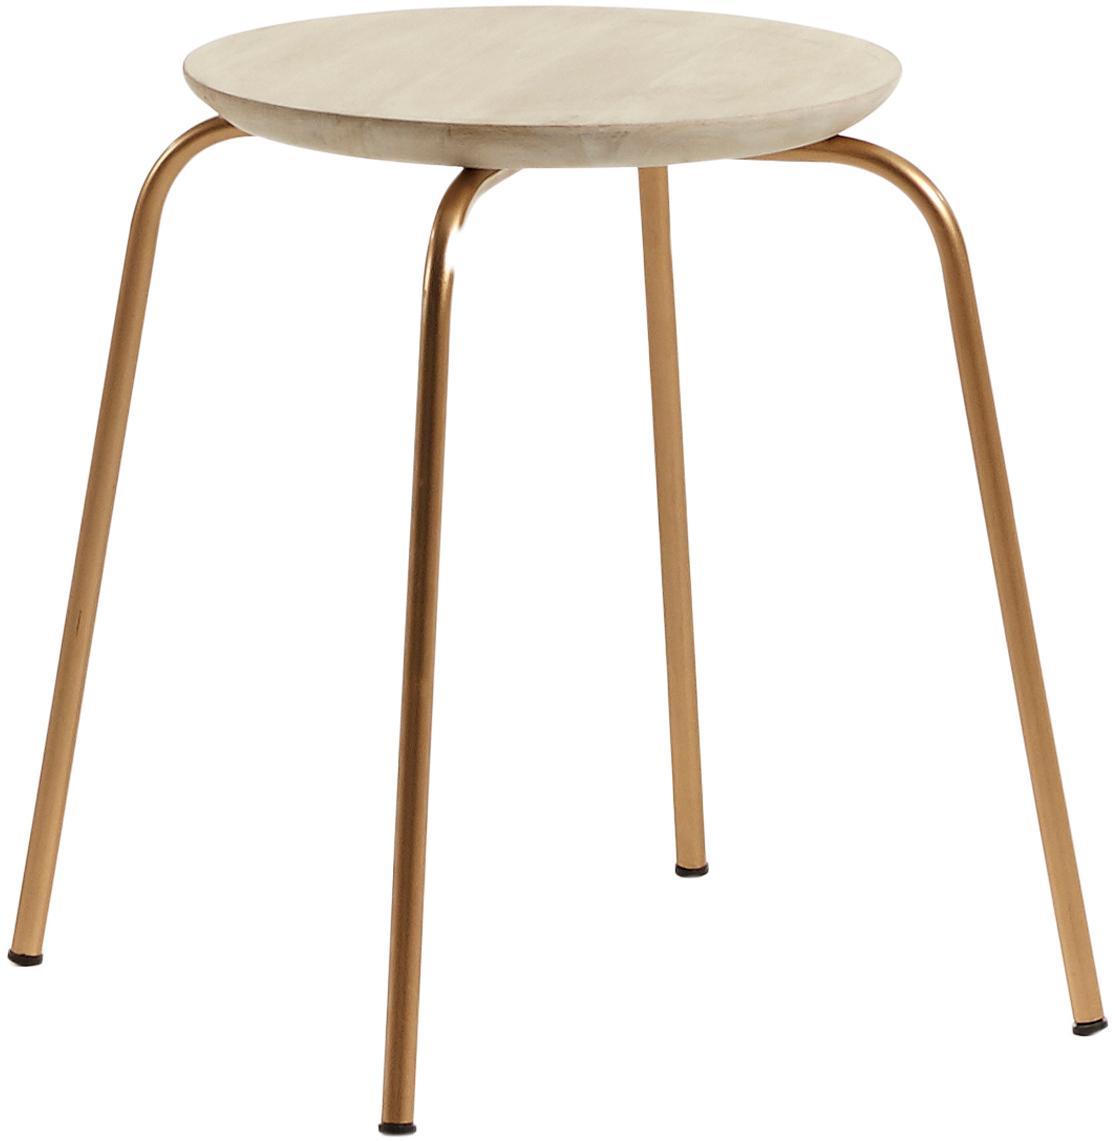 Stołek do układania w stos Ren, Nogi: metal lakierowany, Drewno mangowe, odcienie złotego, Ø 40 x W 45 cm